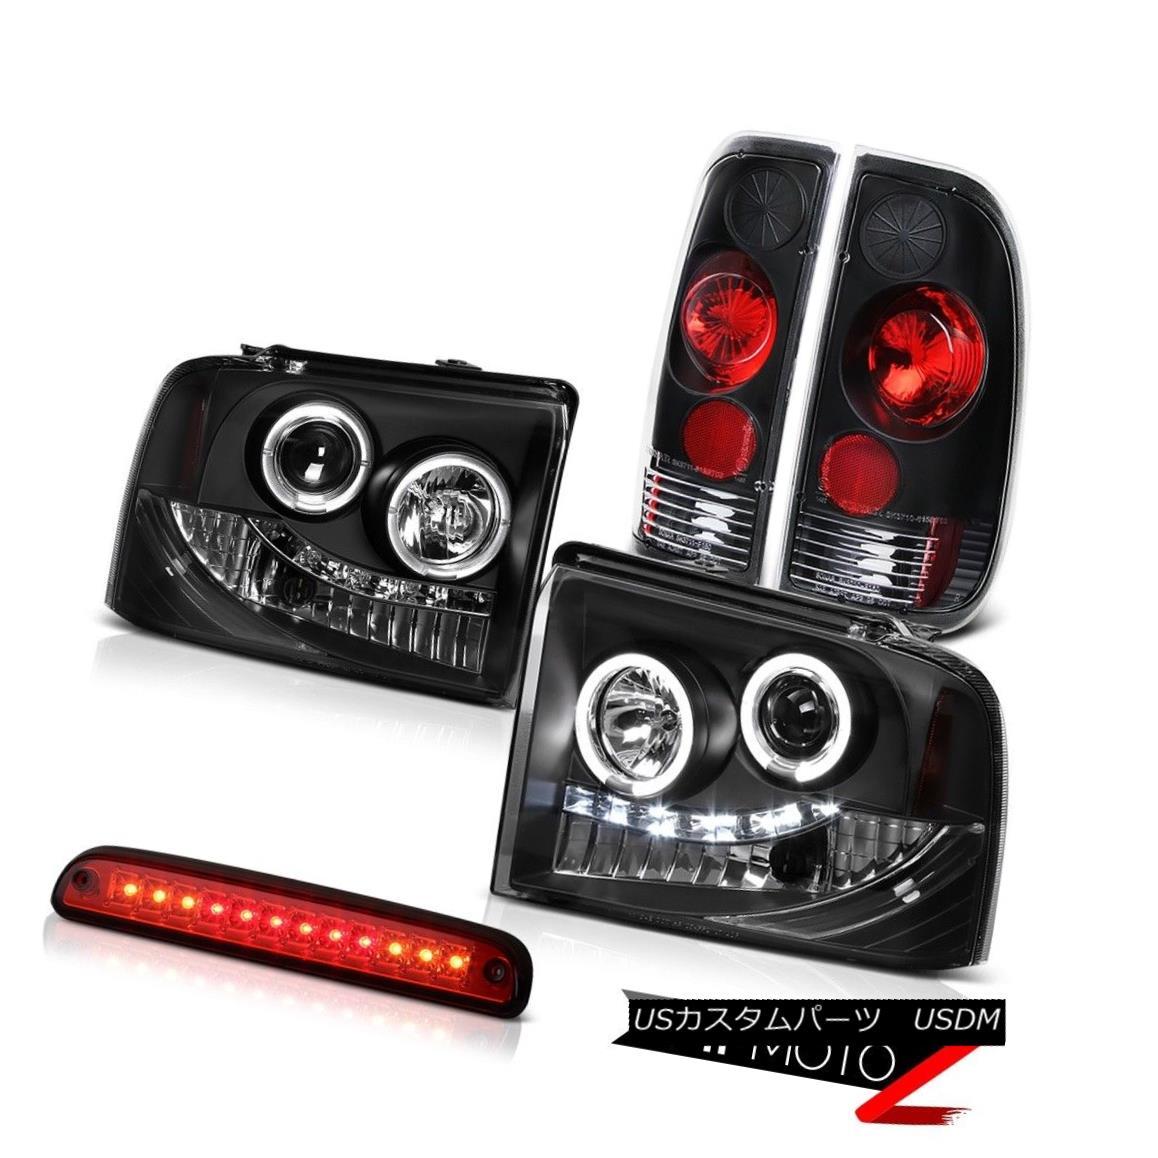 テールライト LED Projector Headlights Rear Black Taillamps Roof Brake 05 06 07 F350 Highline LEDプロジェクターヘッドライトリアブラックタイランプルーフブレーキ05 06 07 F350ハイライン